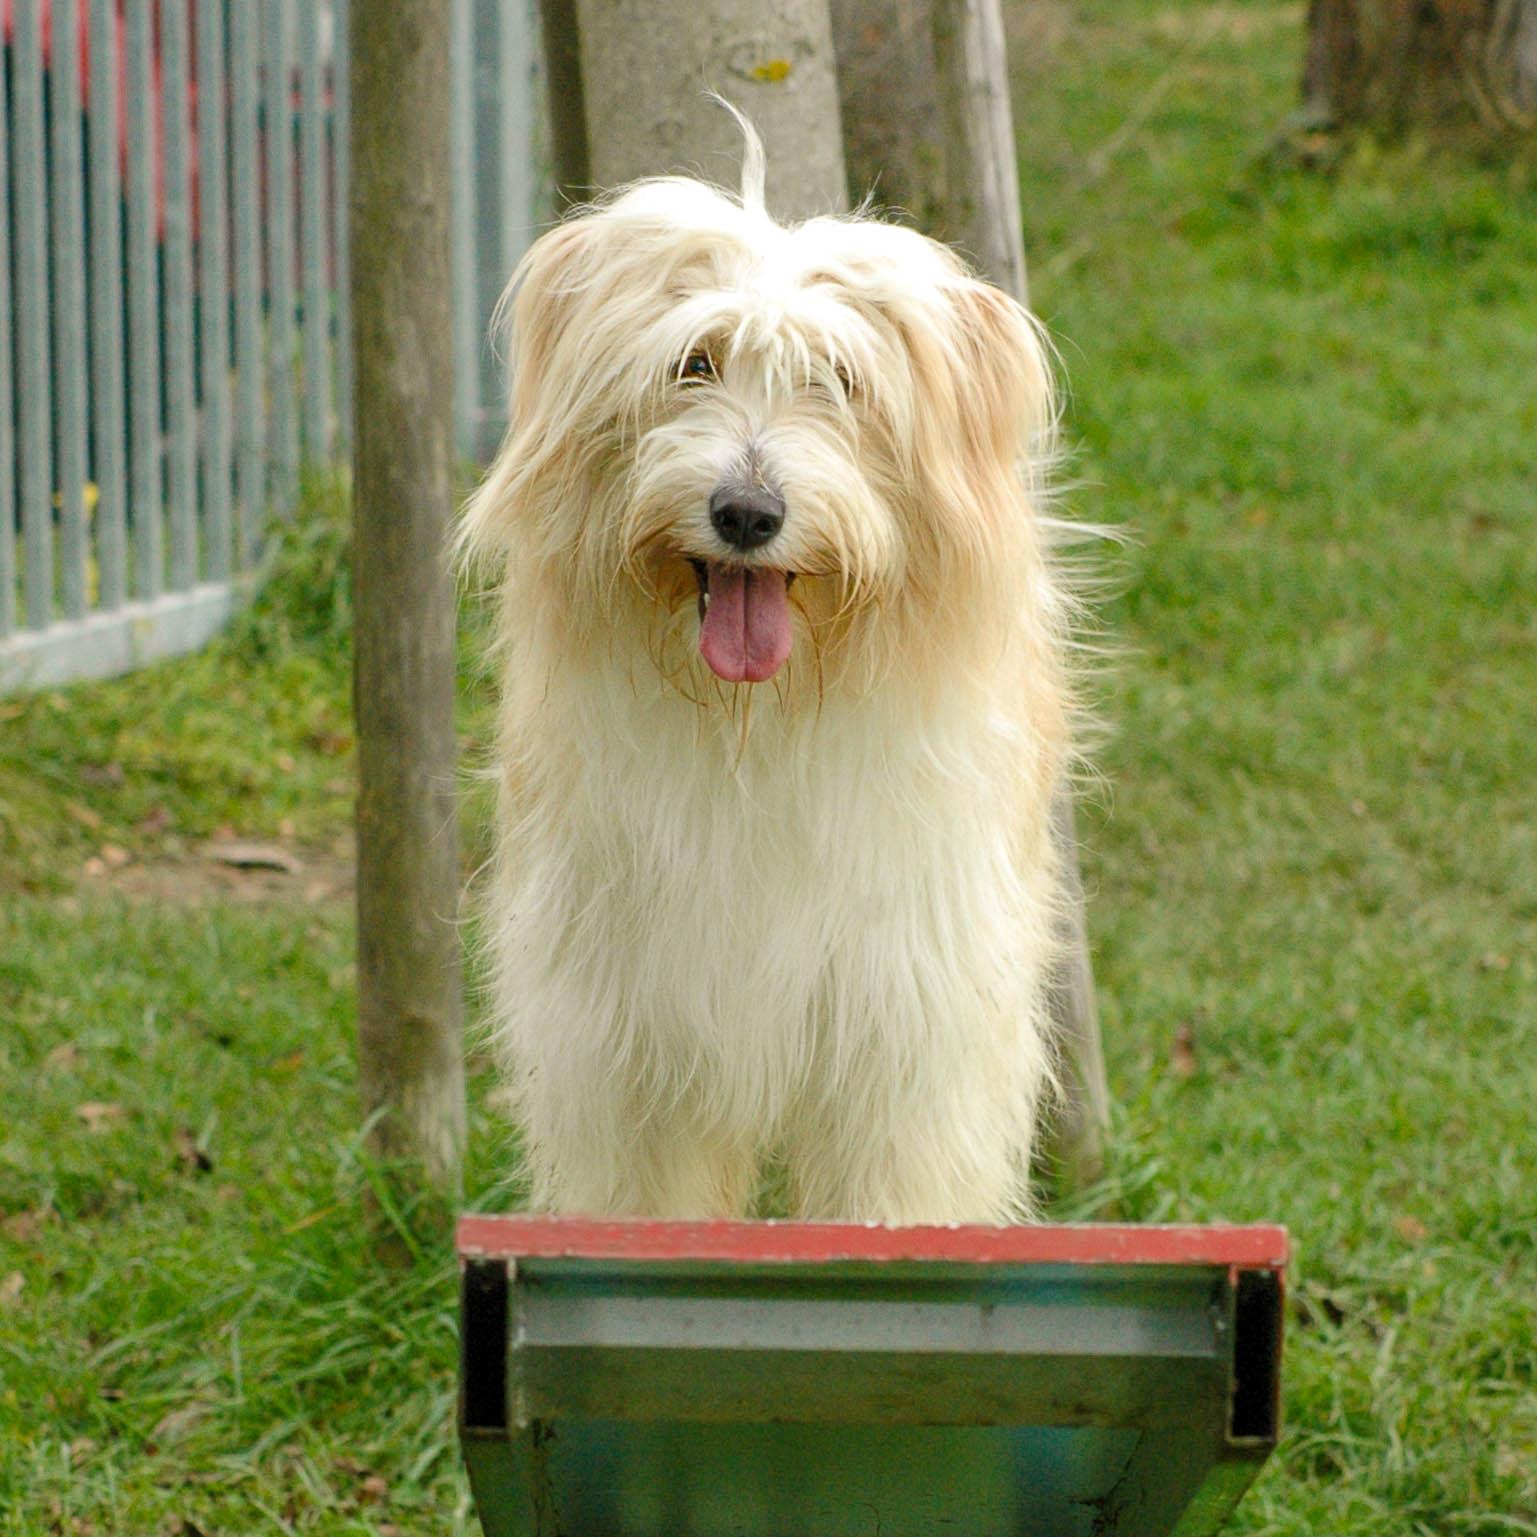 Hund steht auf einer Wippe und hechelt